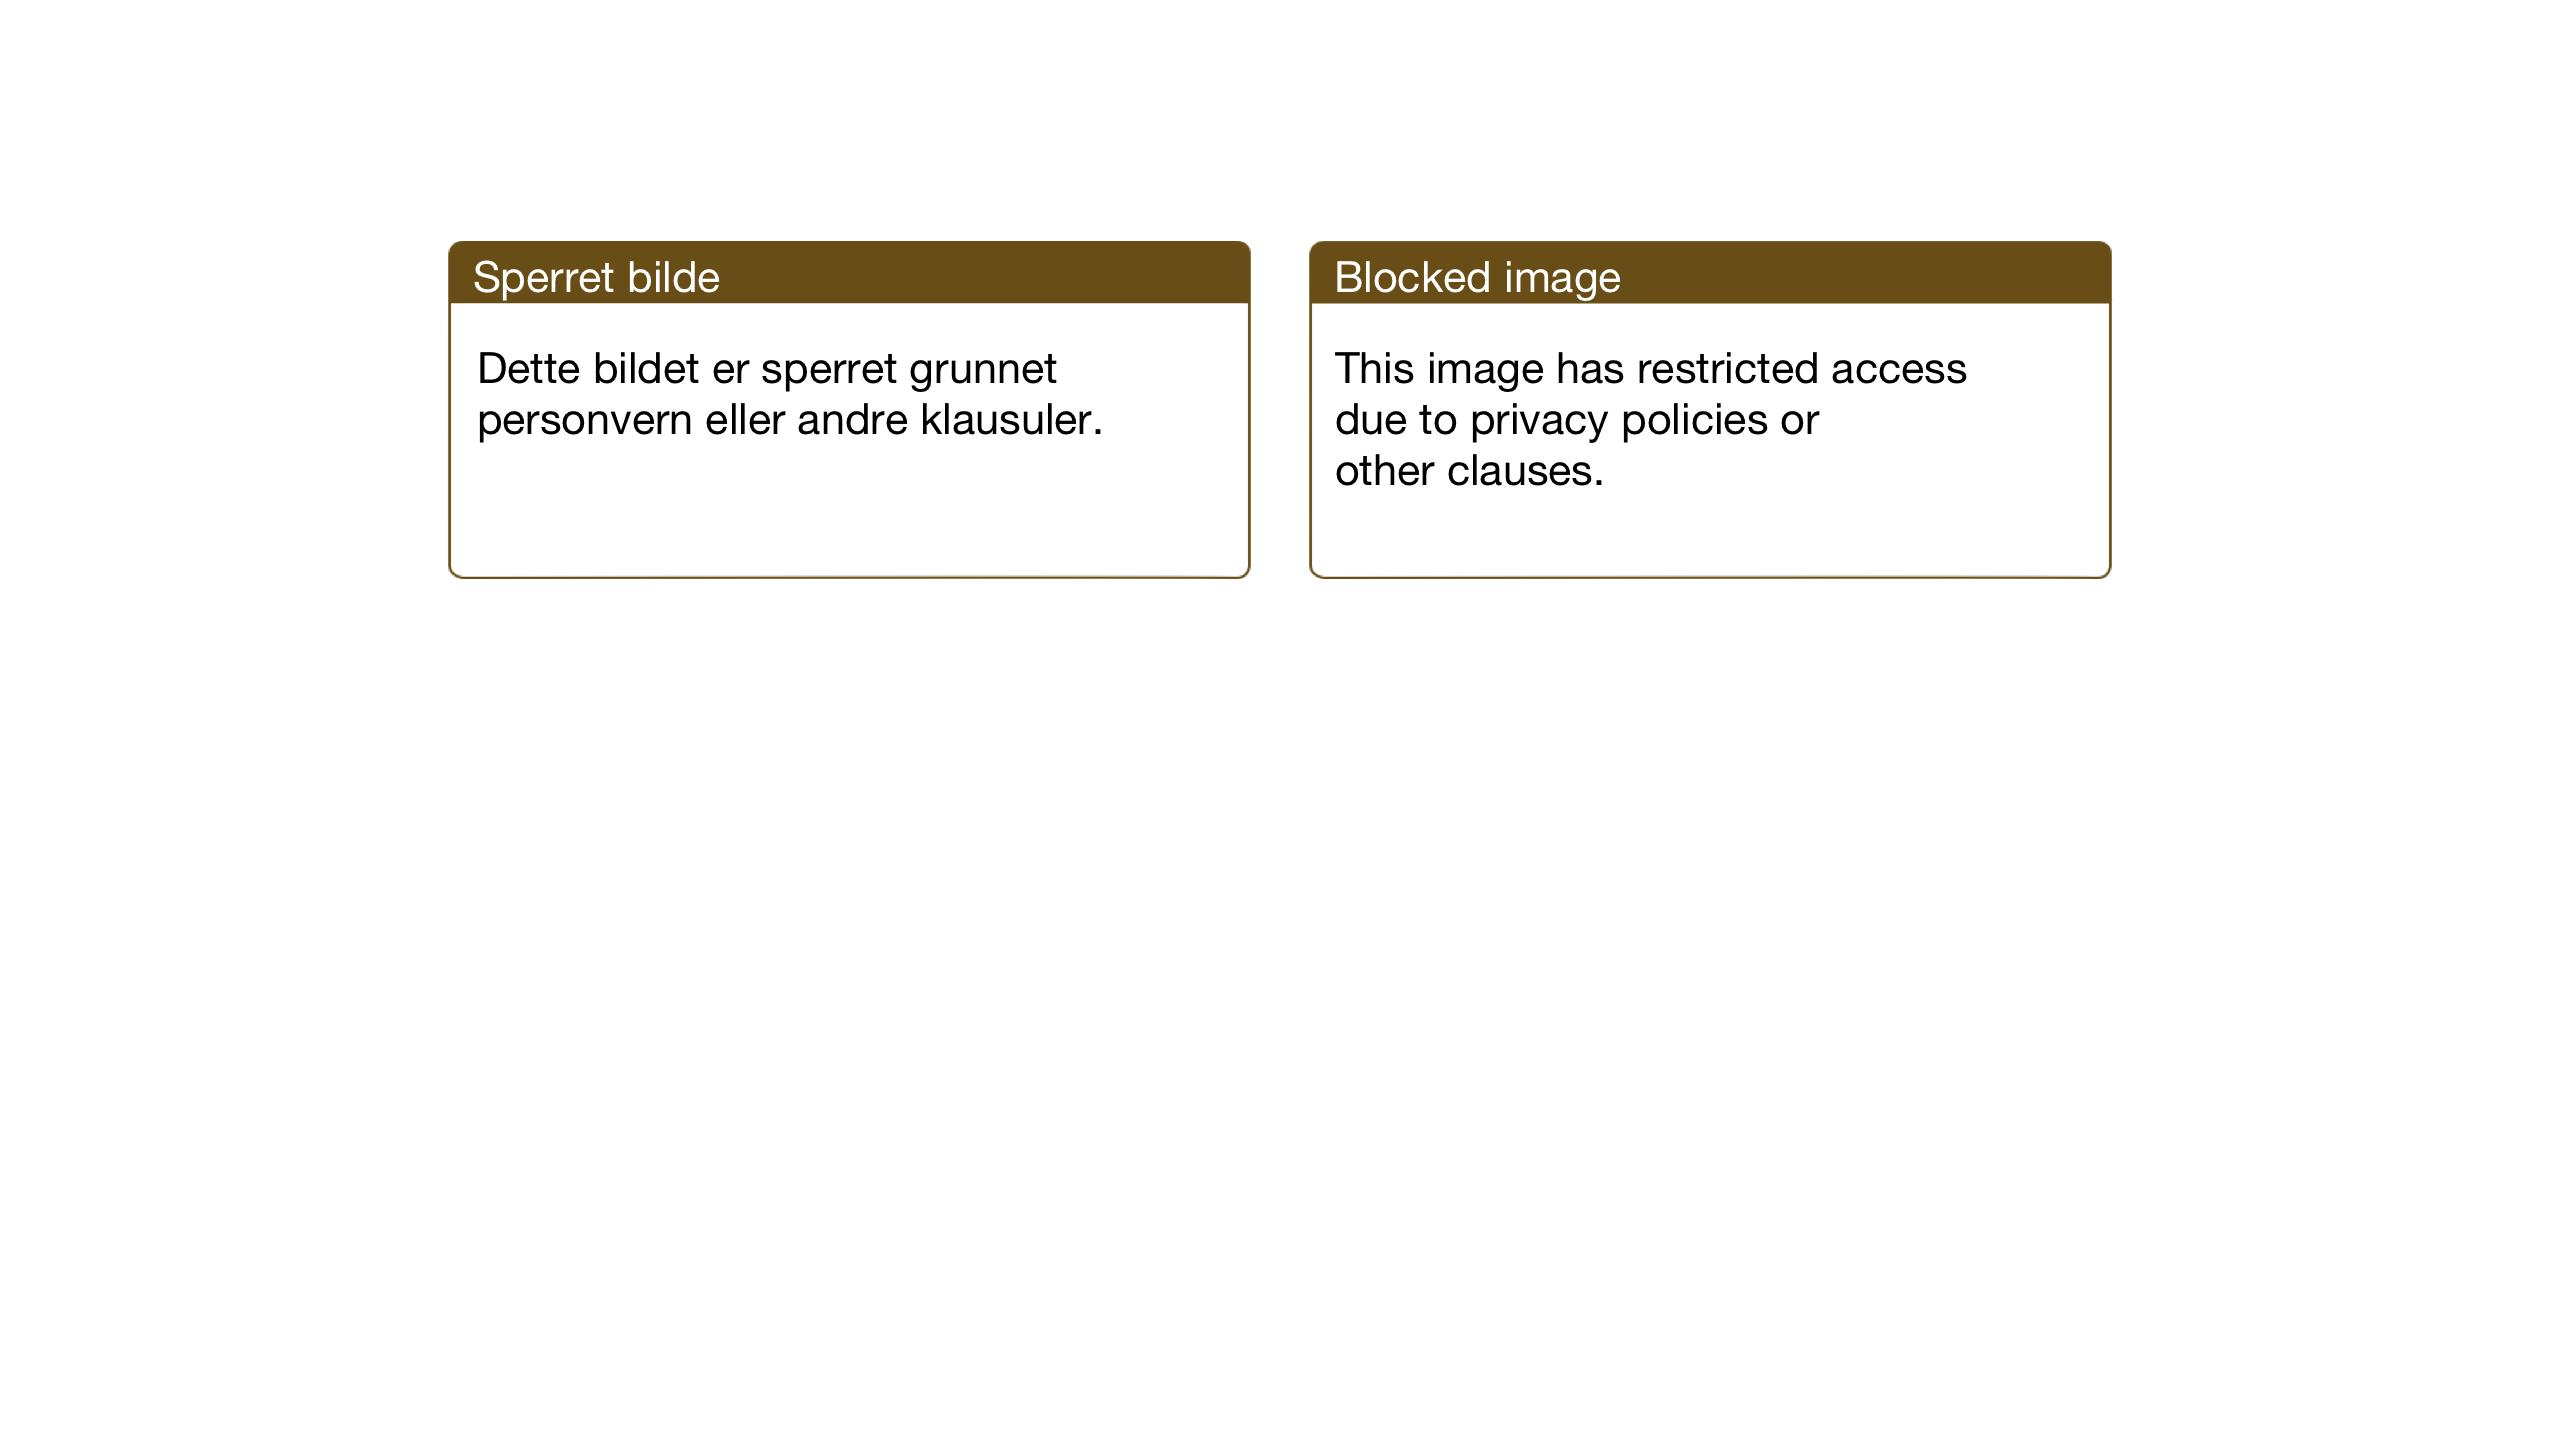 SAT, Ministerialprotokoller, klokkerbøker og fødselsregistre - Nord-Trøndelag, 774/L0631: Klokkerbok nr. 774C02, 1934-1950, s. 135